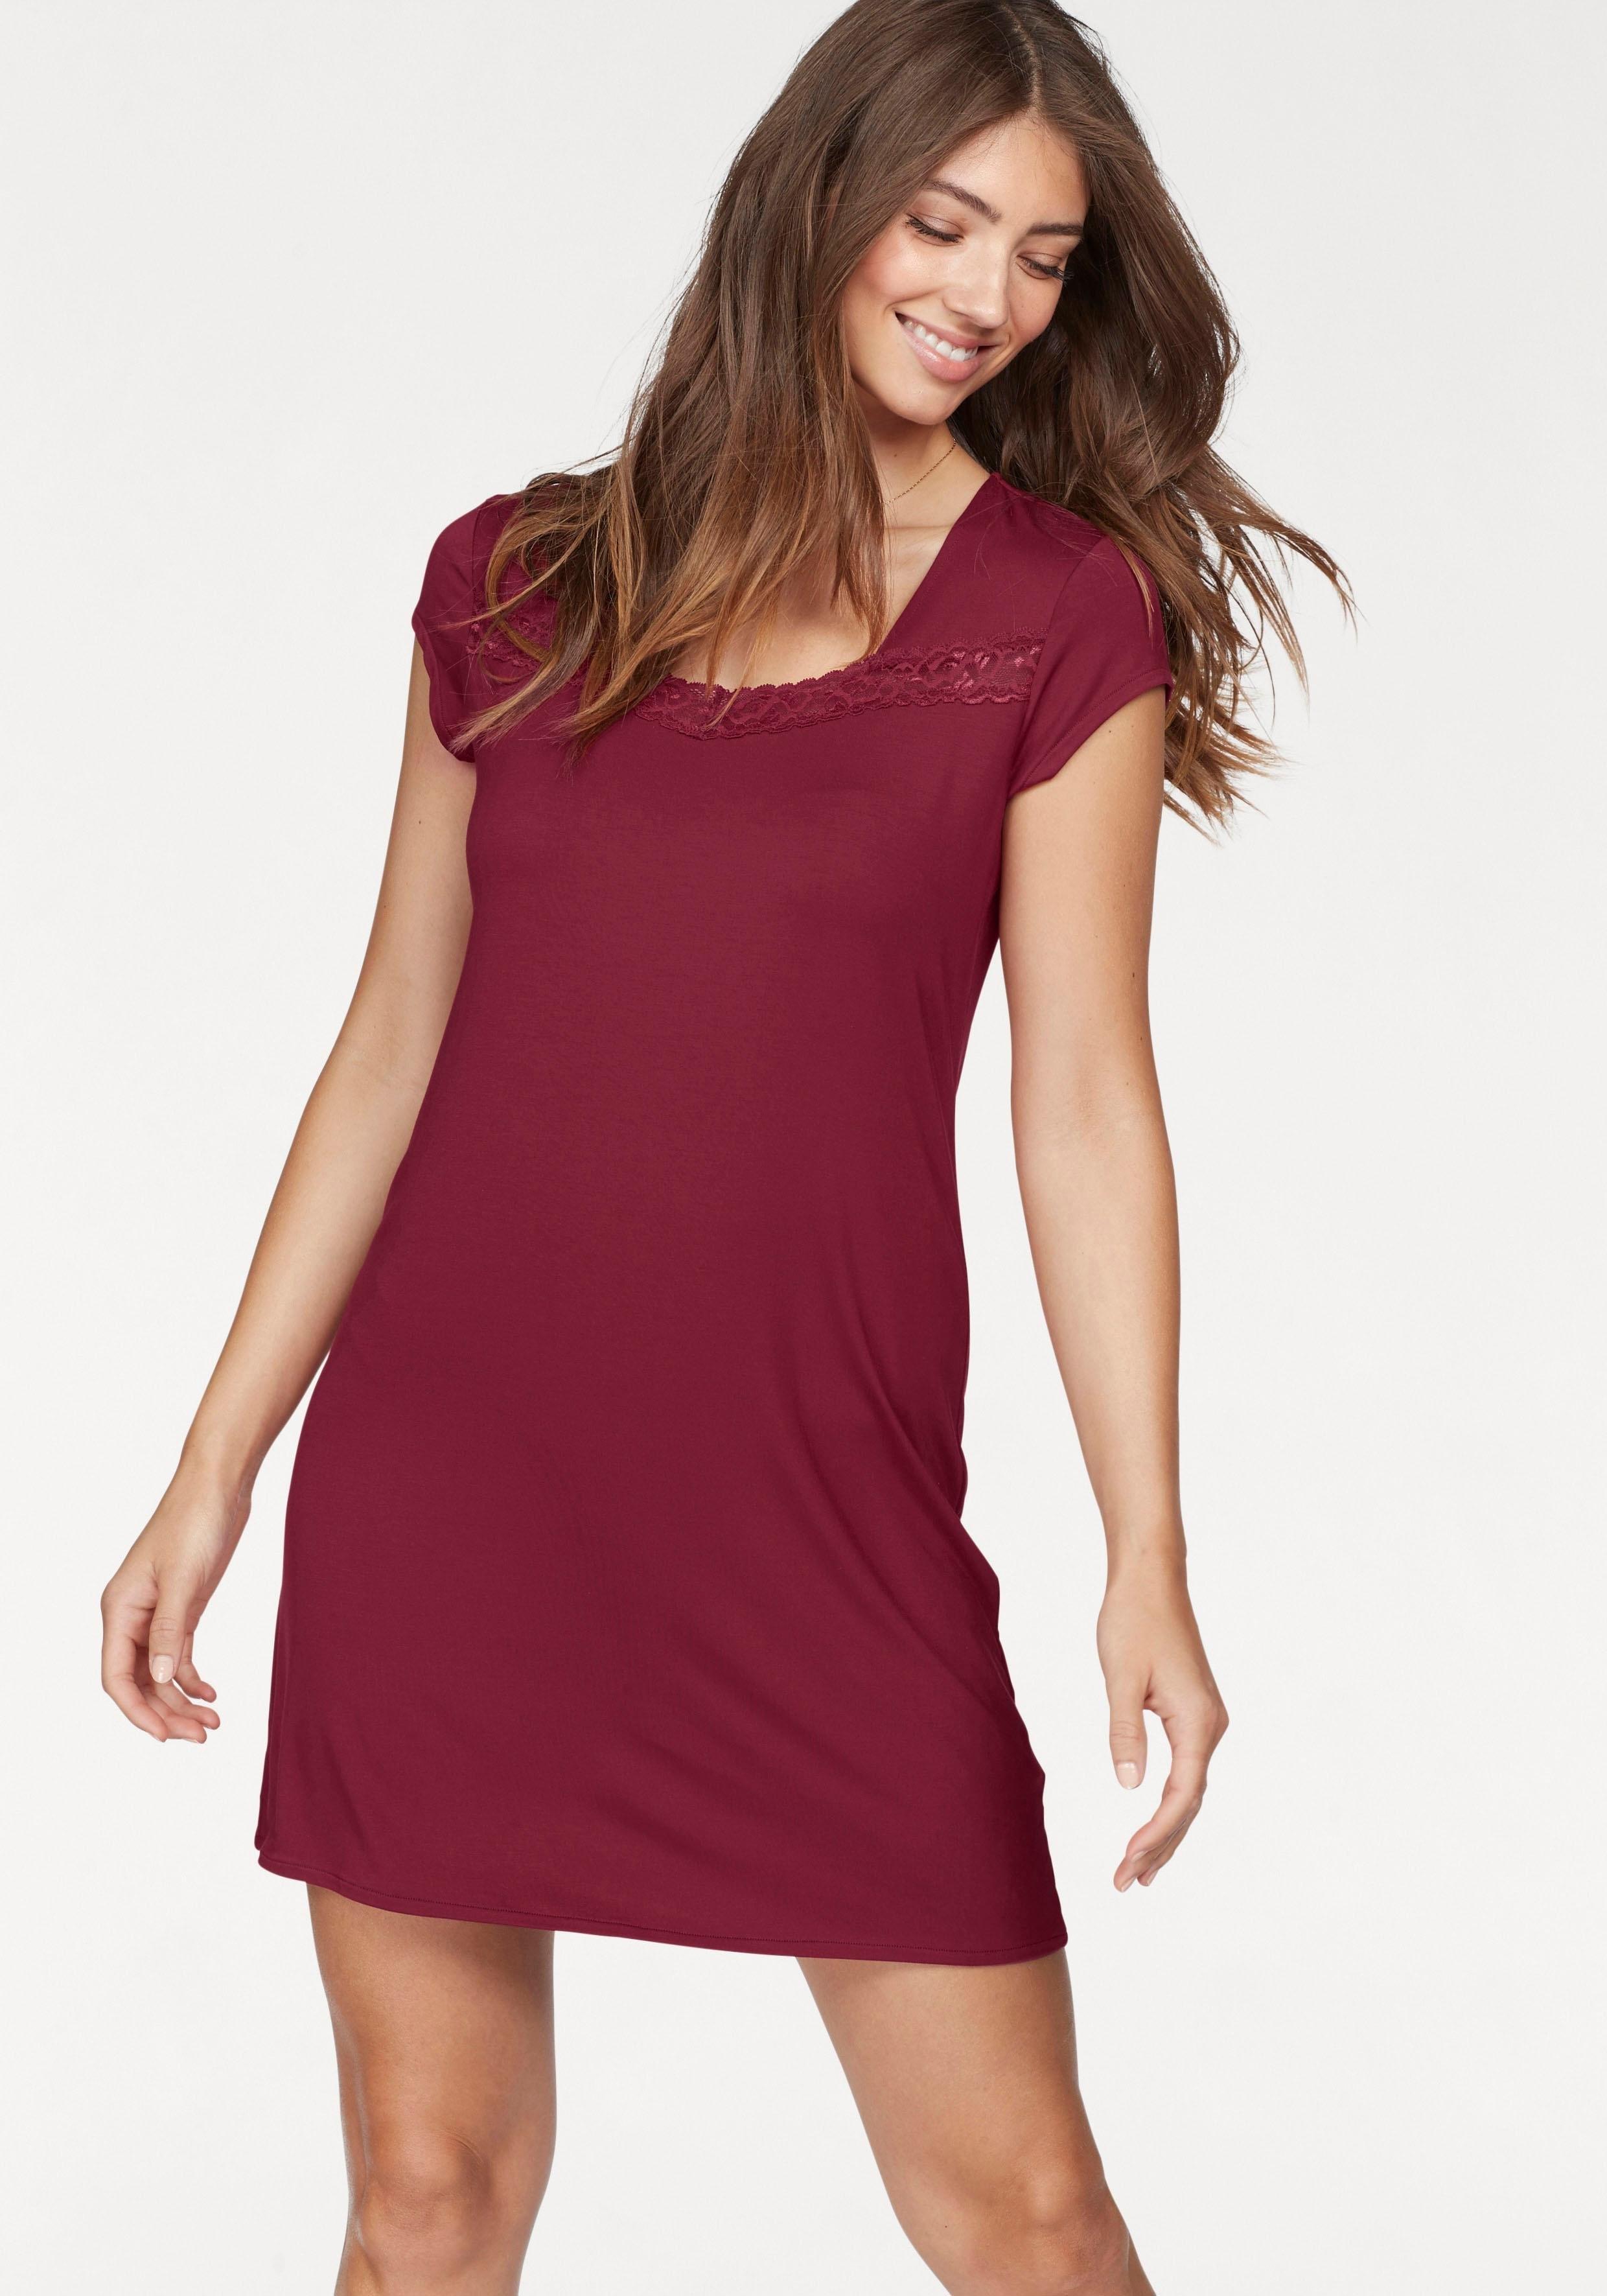 Calida Basic nachthemd »Eliza« met kant bestellen: 14 dagen bedenktijd